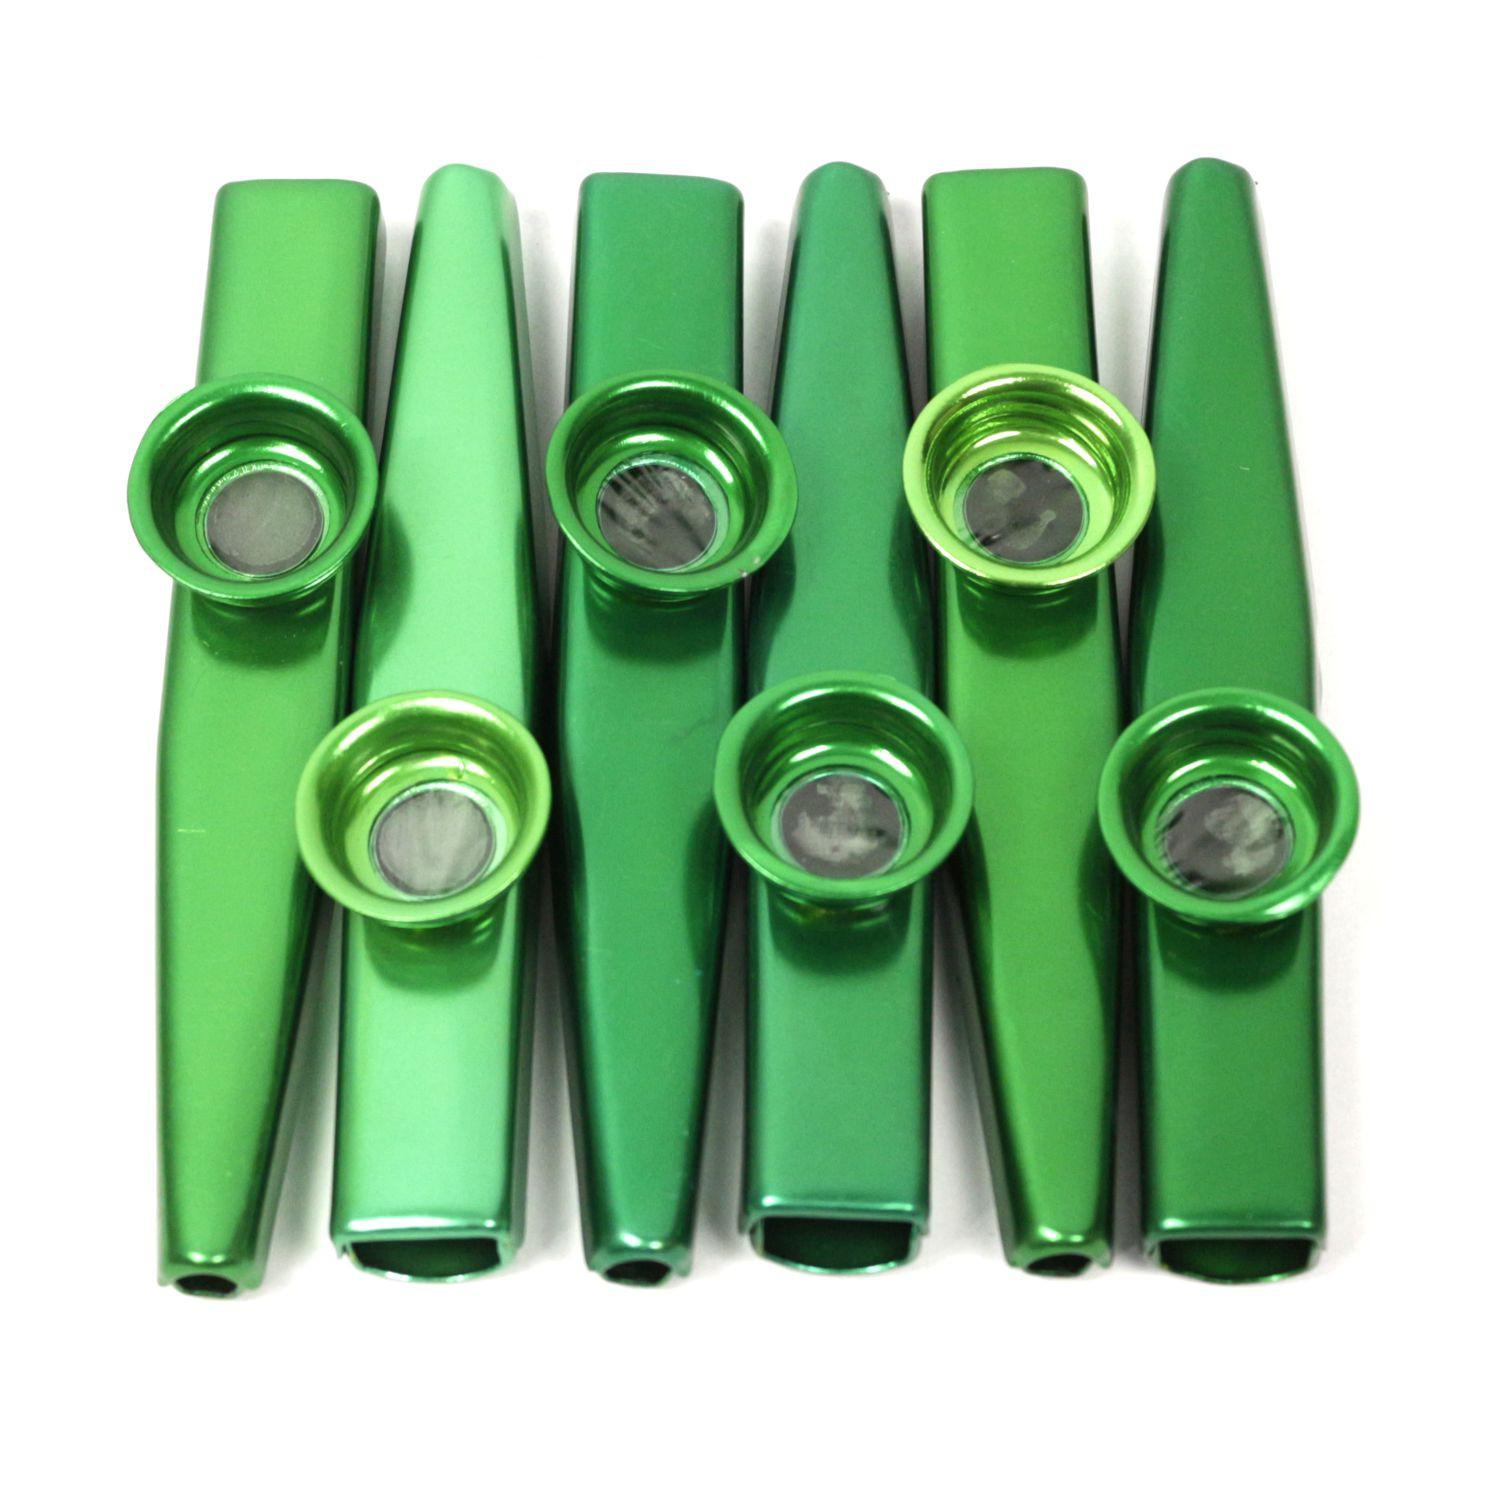 Kazoo em Metal Profissional Kazoobob Verde -06 Unidades